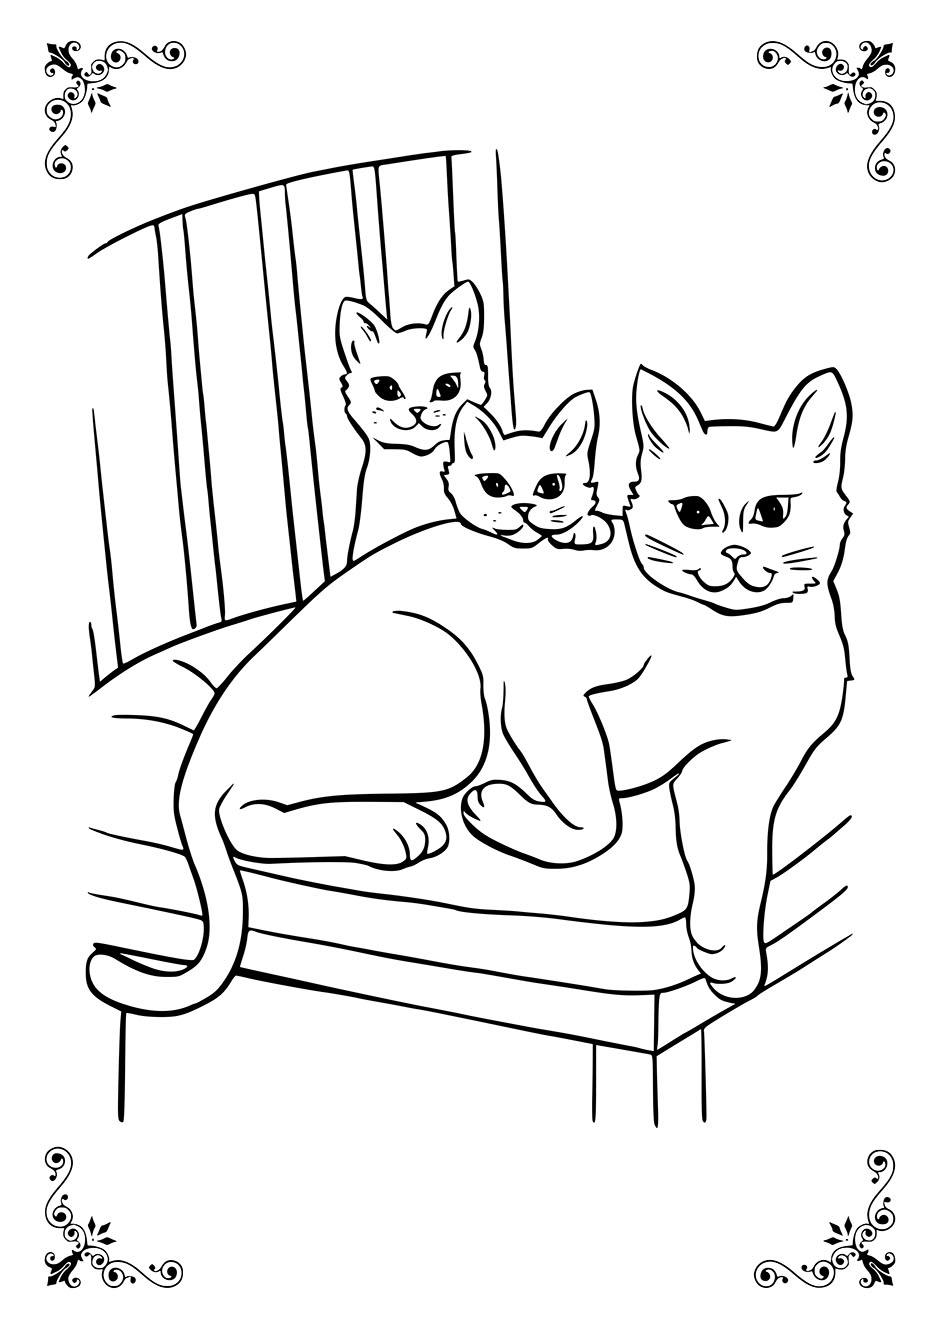 Раскраска: кошка с котятами — raskraski-a4.ru